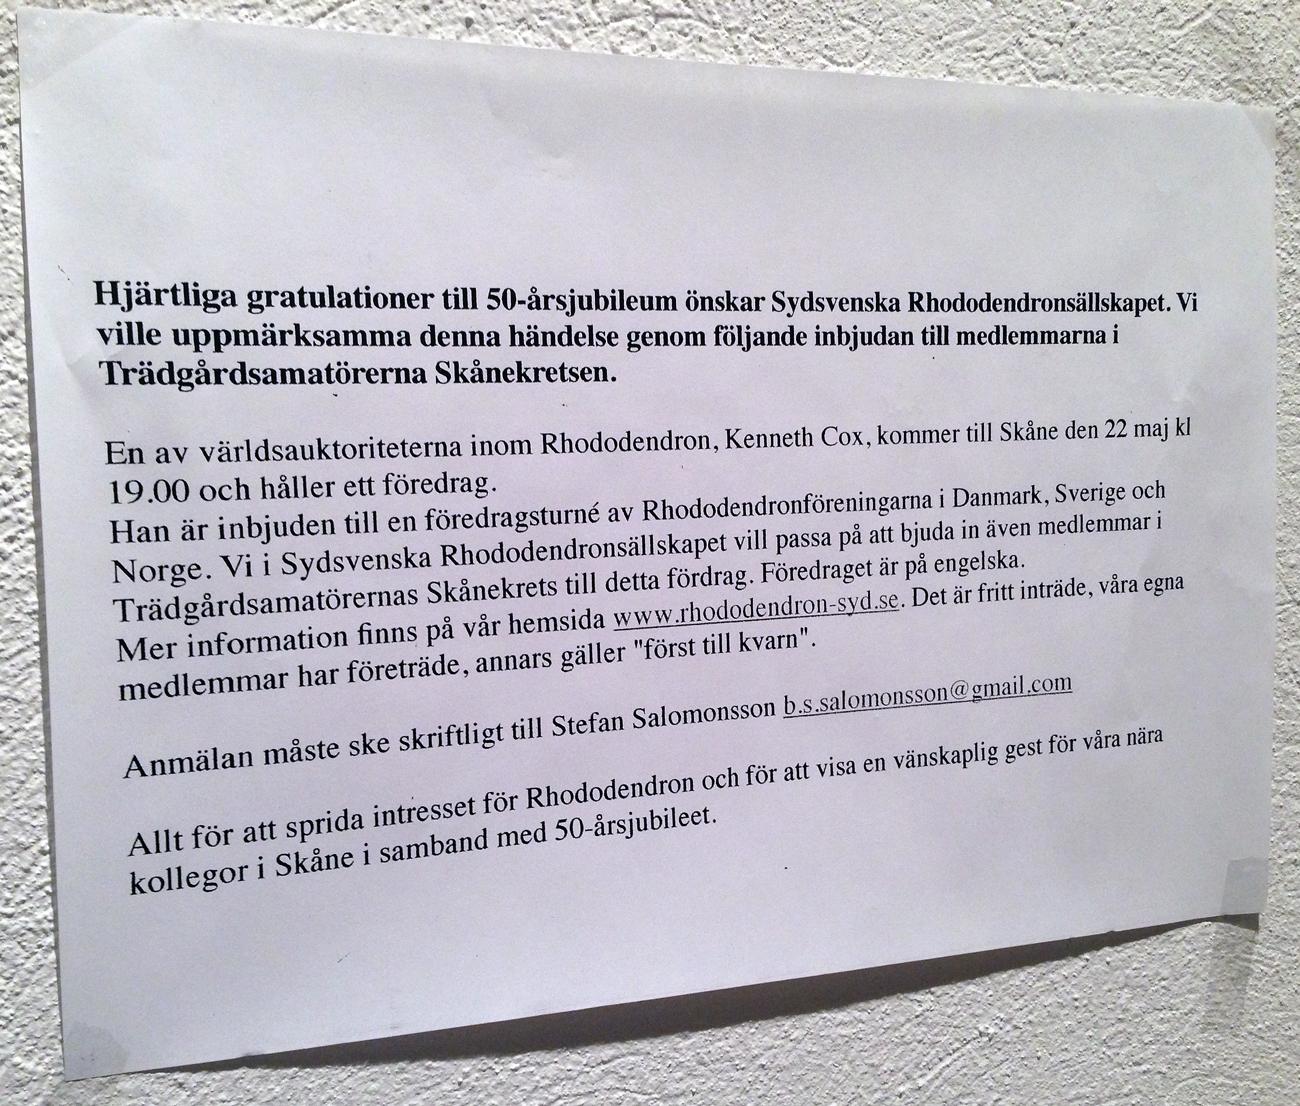 Gratulationer från Sydsvenska Rhododendronsällskapet